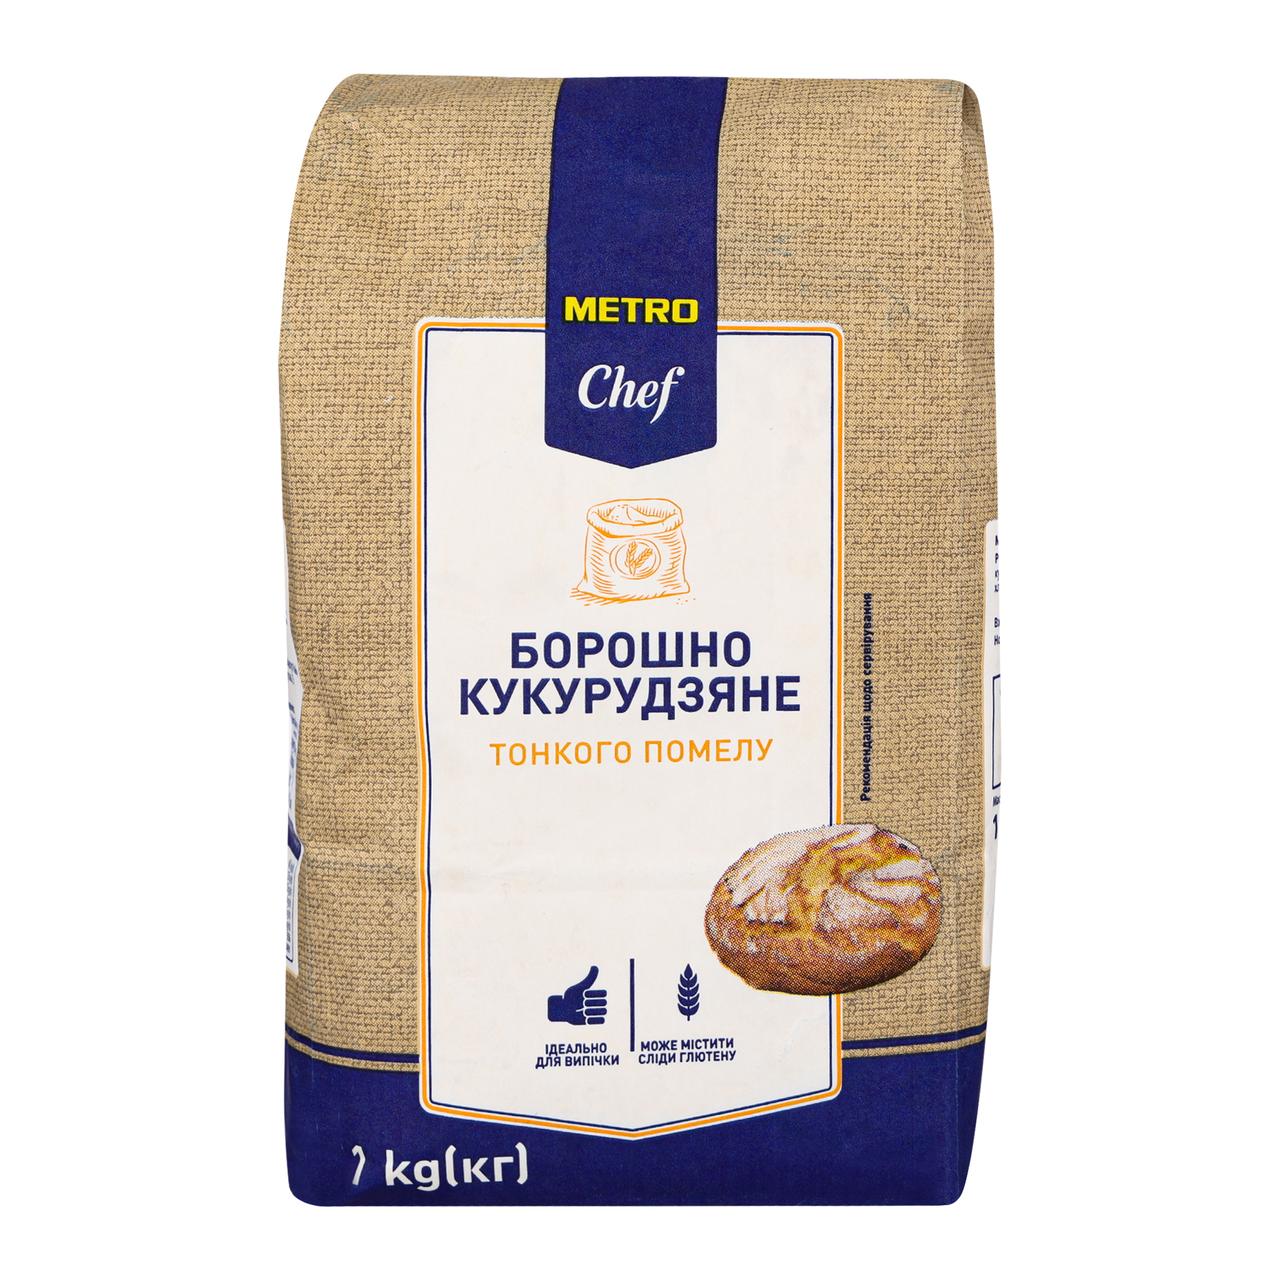 Борошно Metro Chef кукурудзяне тонкого помелу 1кг